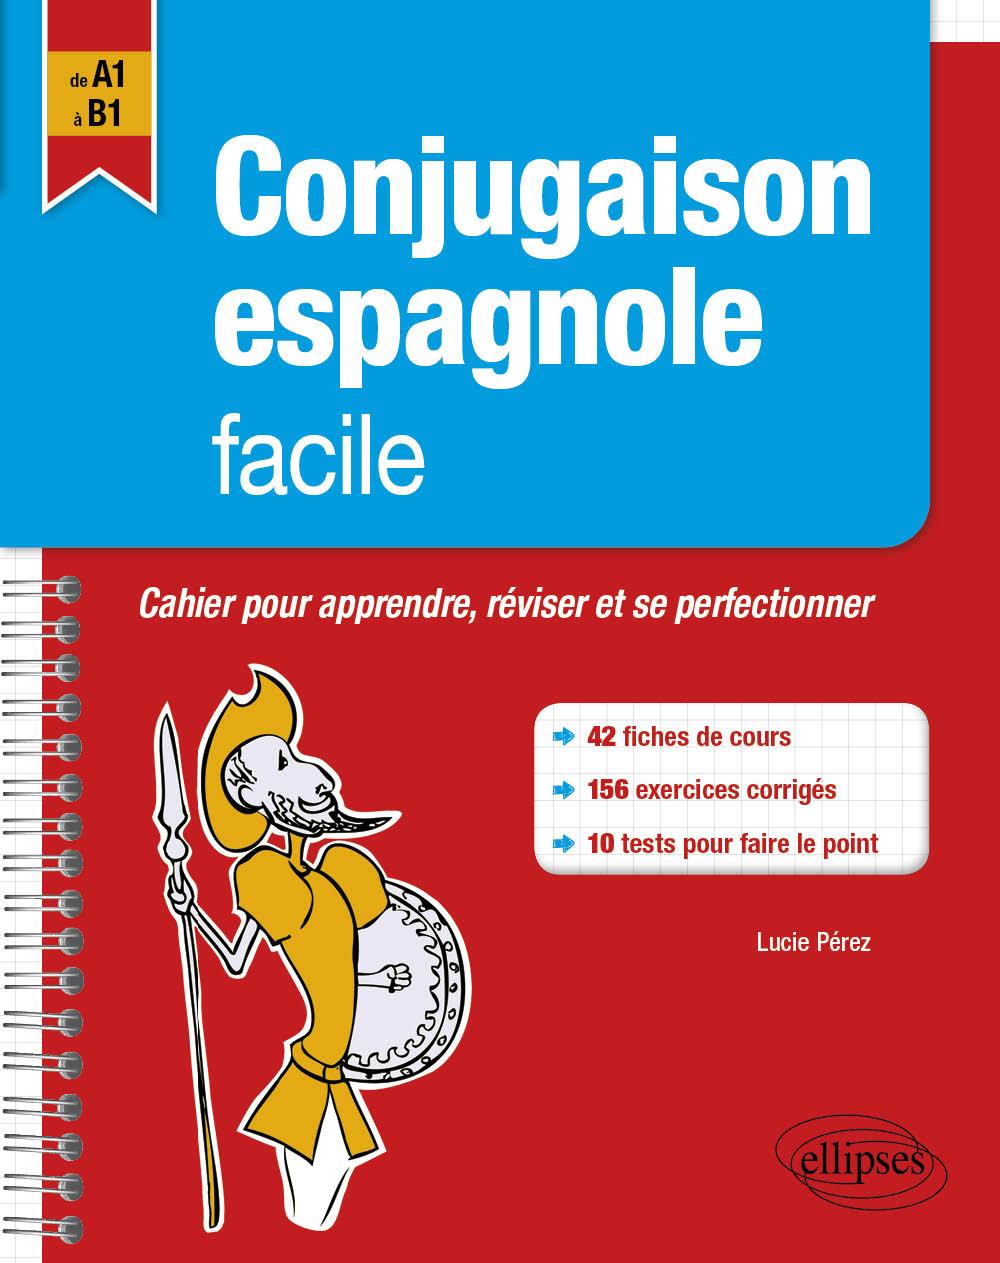 Conjugaison Espagnole Facile Cahier Pour Apprendre R Viser Et Perfectionner Ses Acquis A1 B1